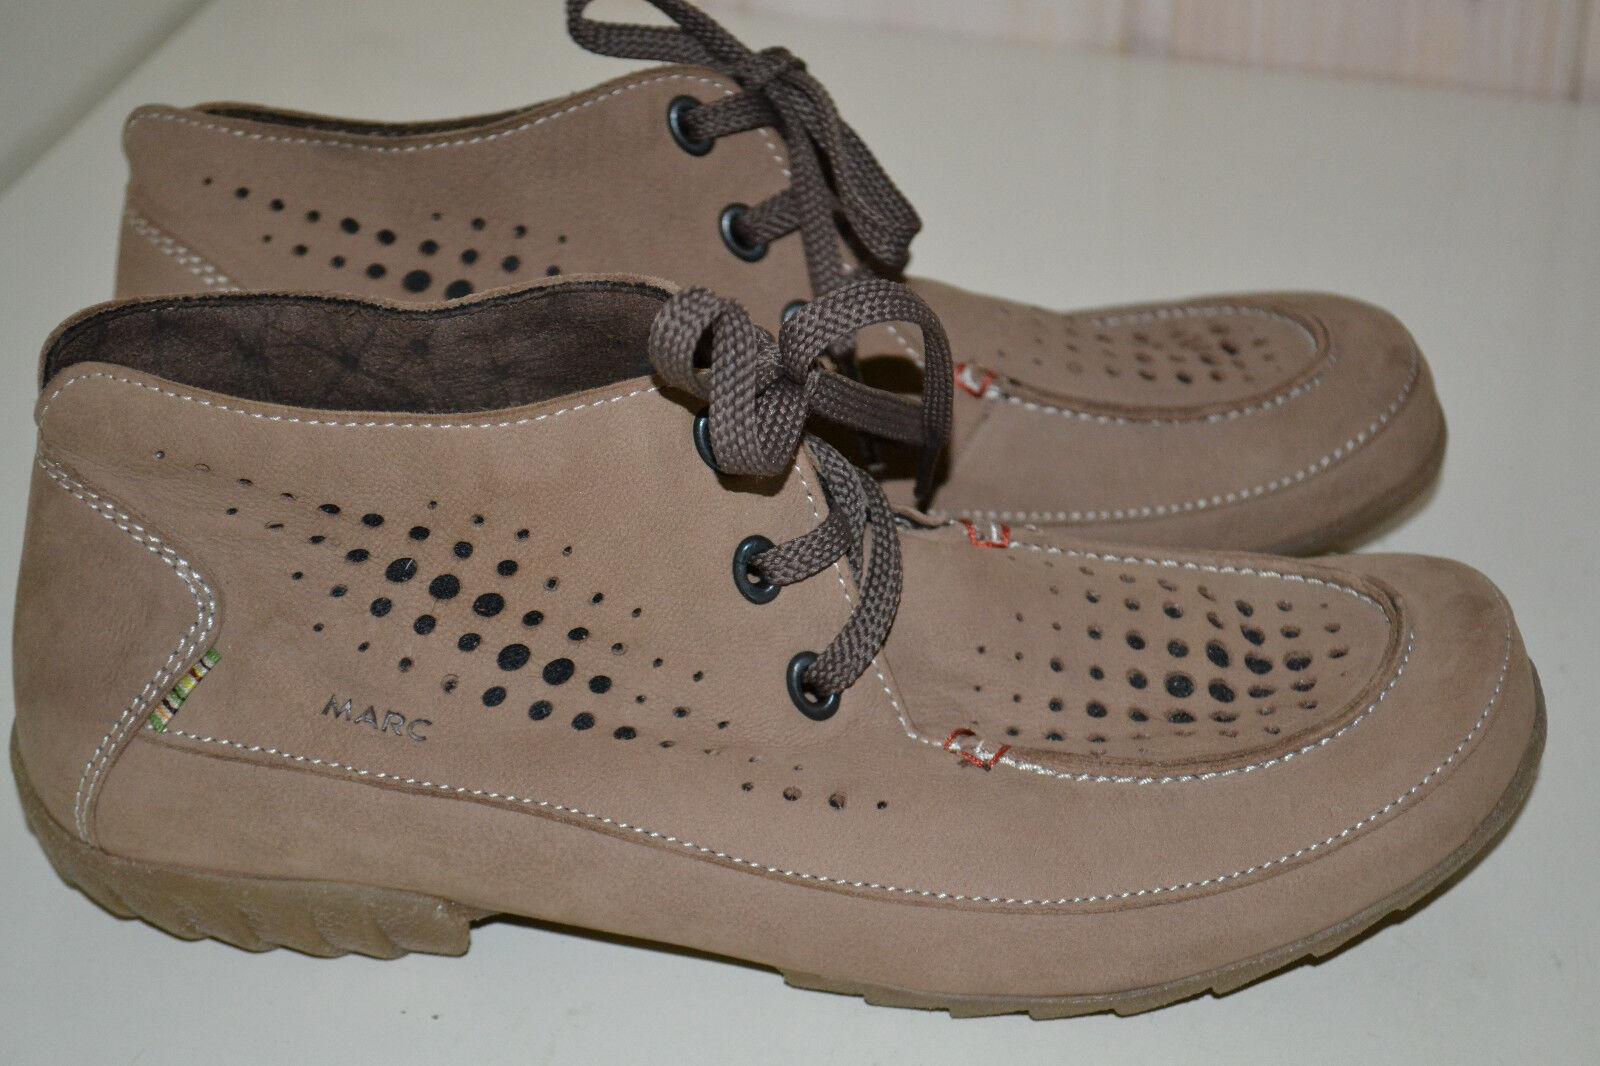 Damen Sneaker/Sommerschuhe-Original Marc art of Walking-Echtleder-Gr.37/37,5-Top